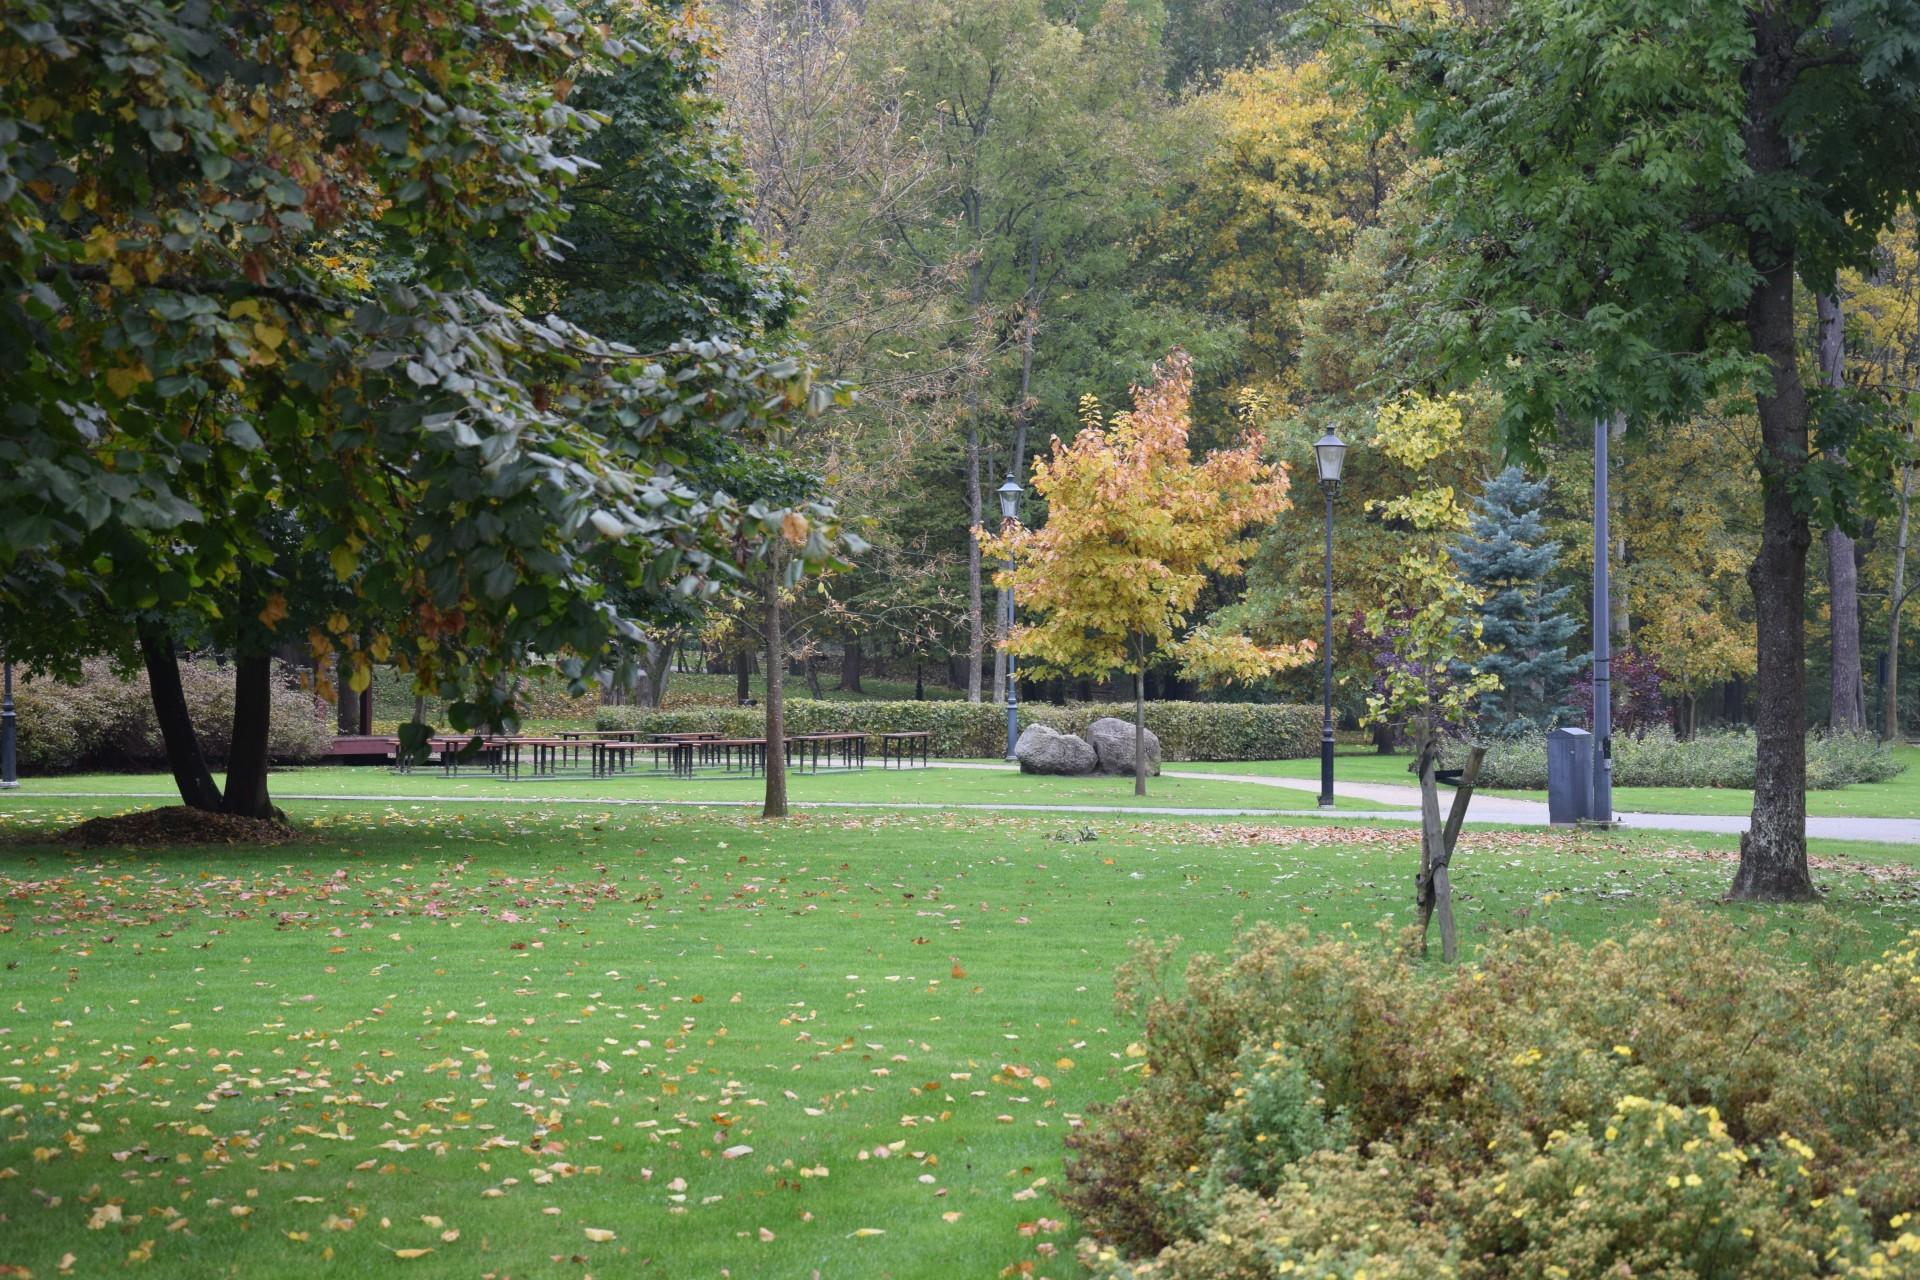 Foki w parku w Wejherowie. To dobry pomysł? 6